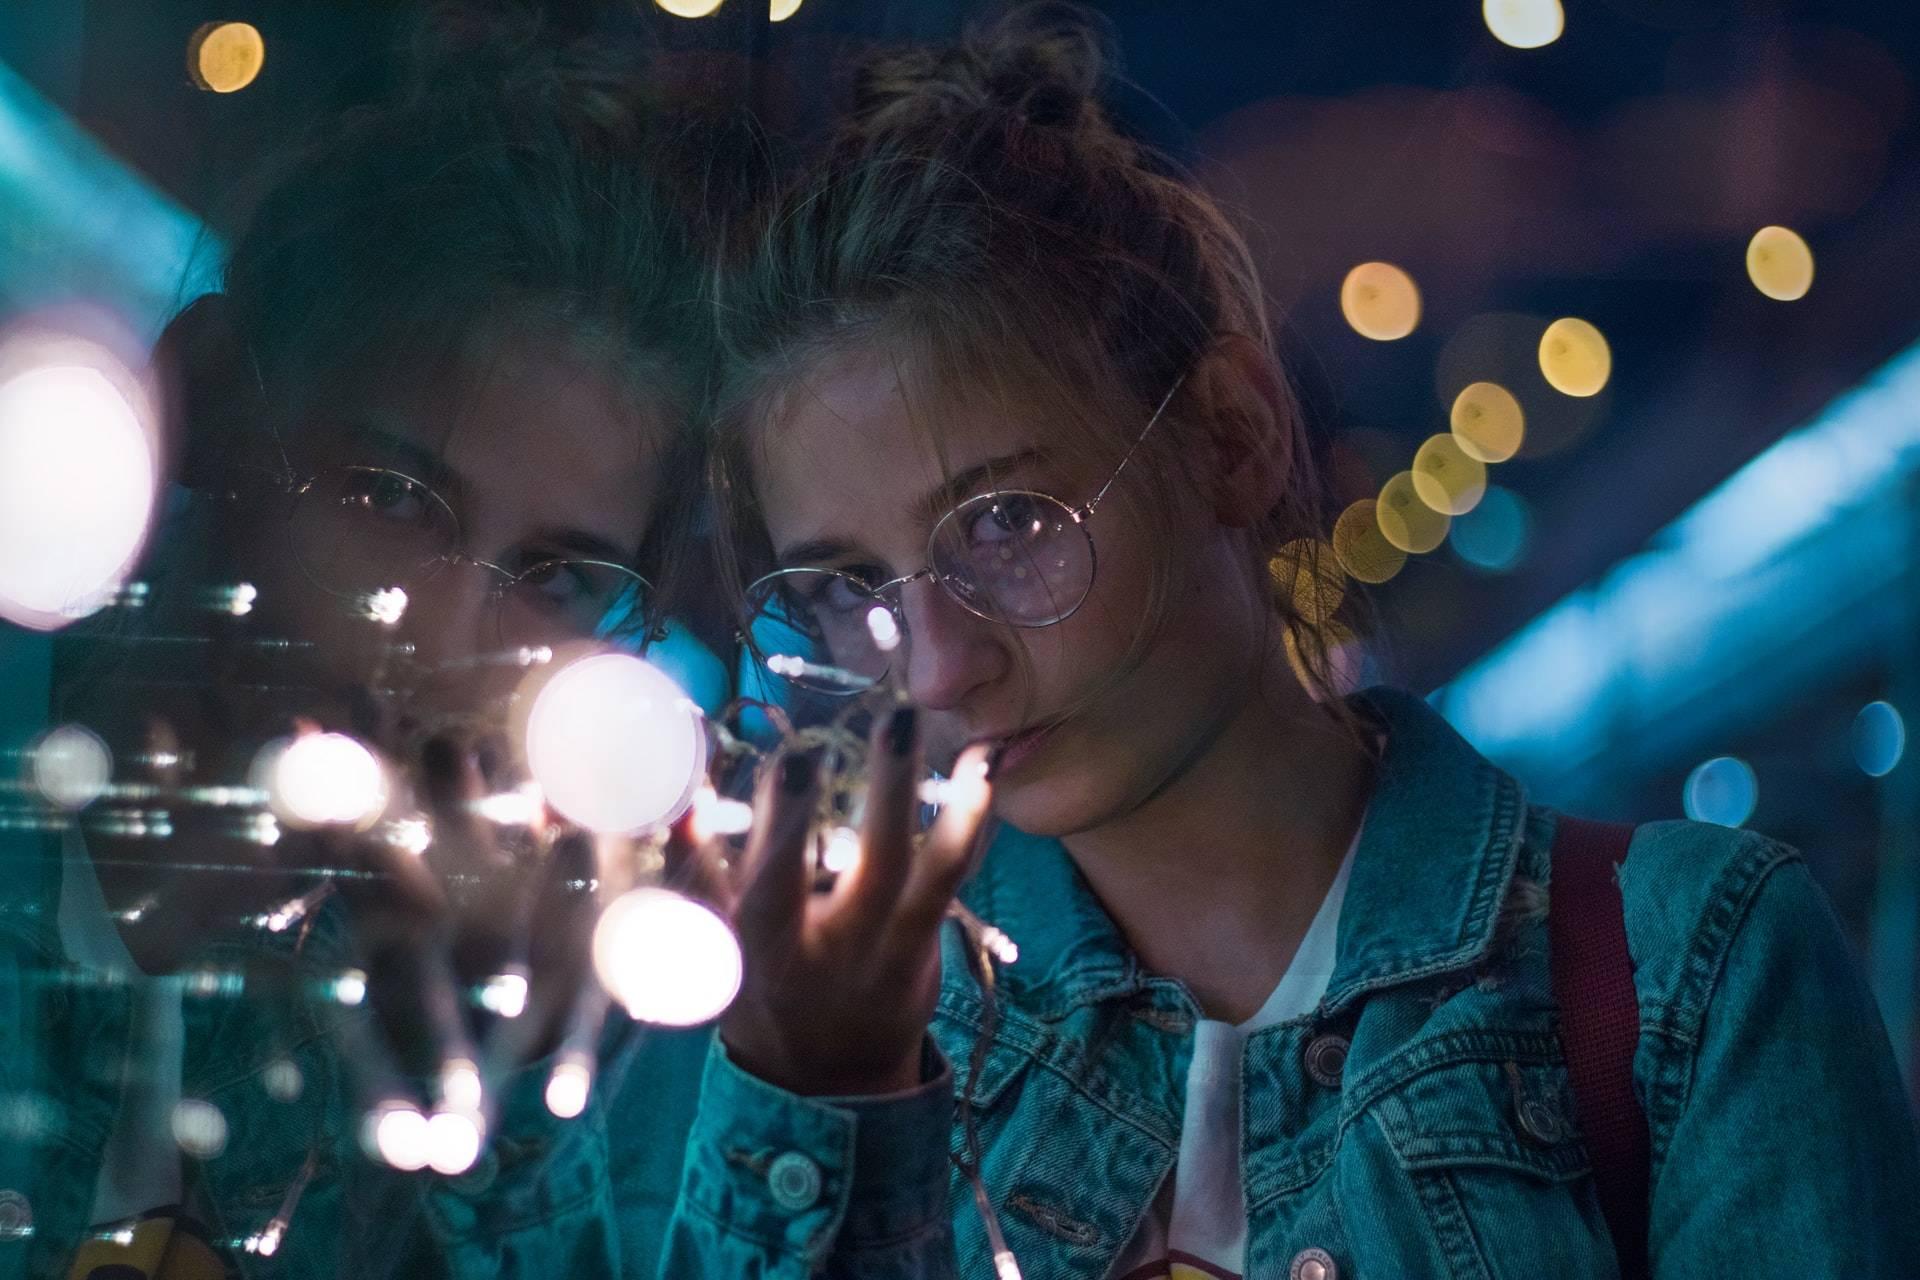 szemüveges nő ablaknál izzósorral